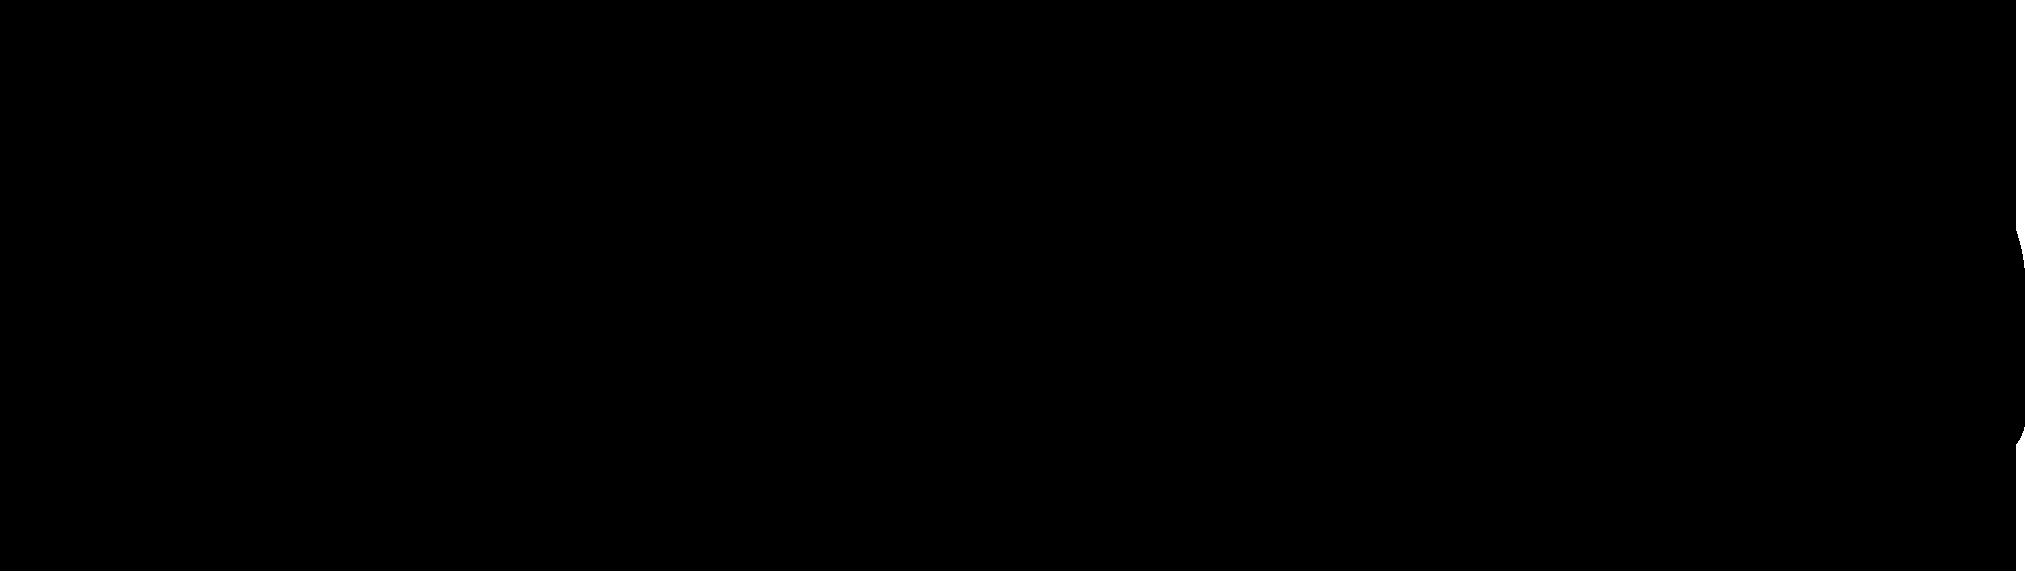 Logo Eppela - Nero